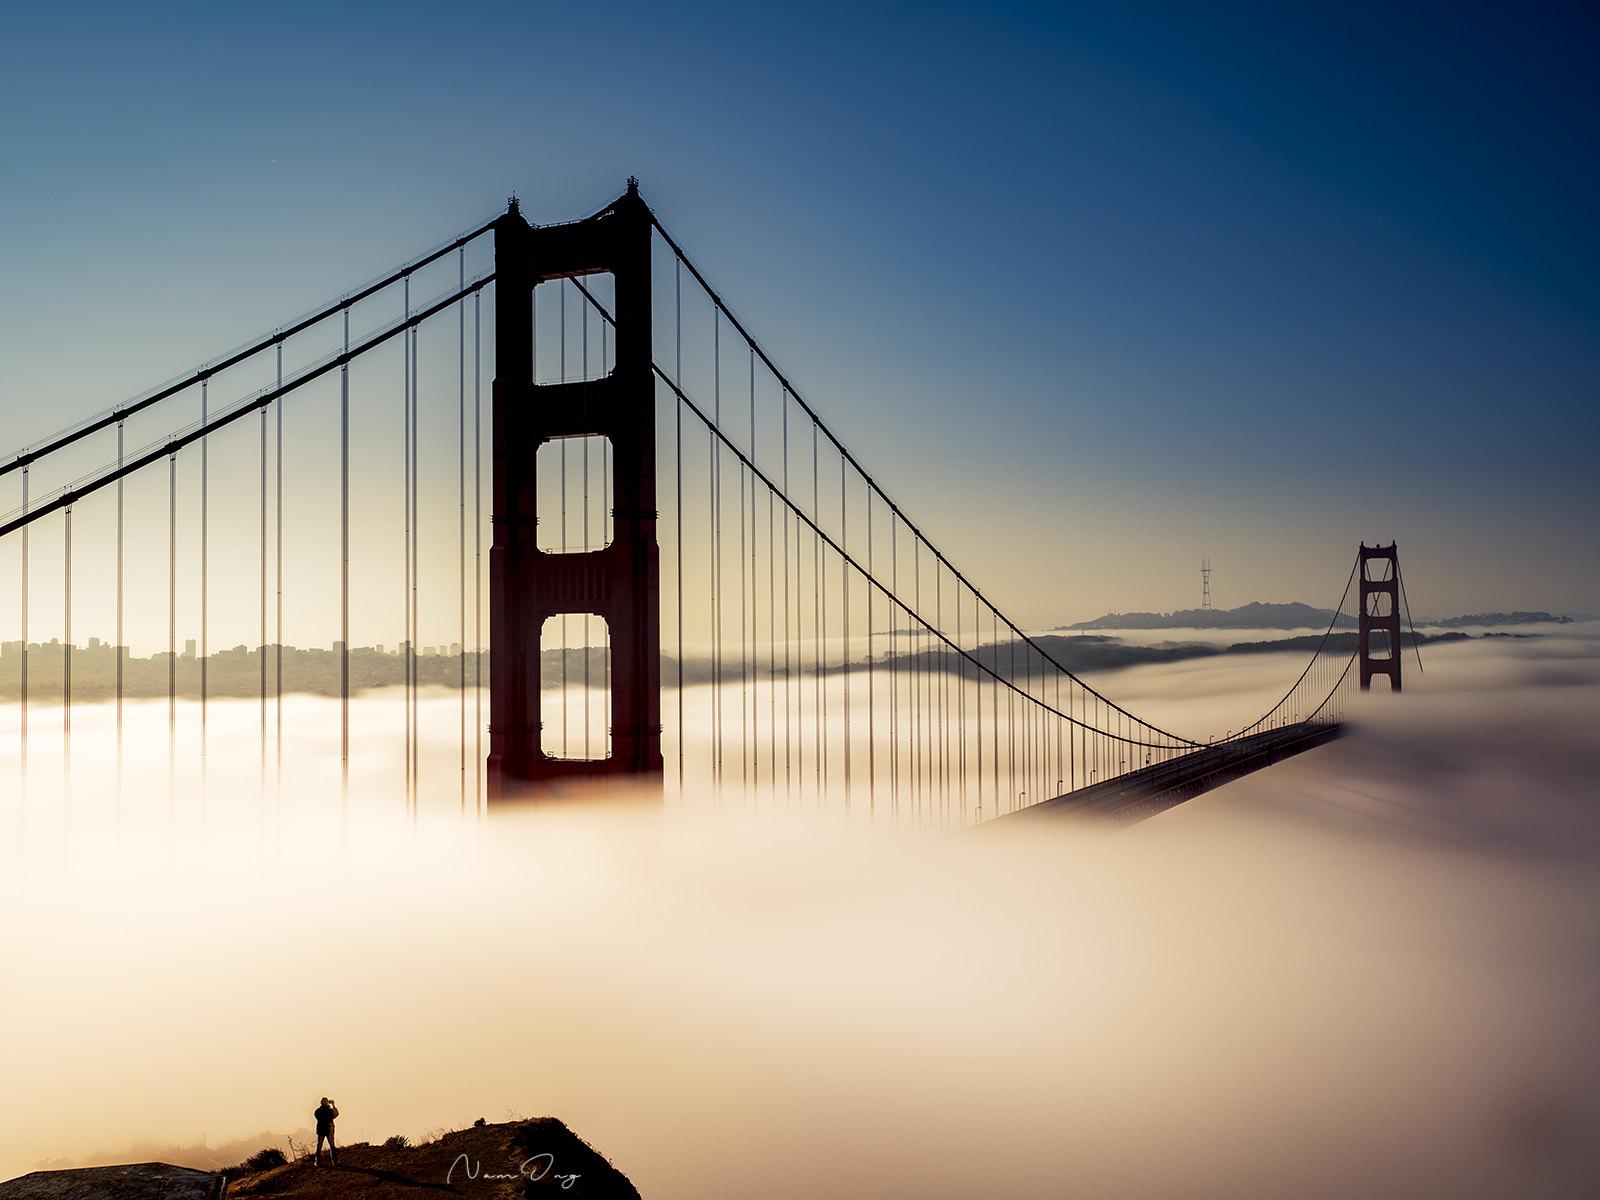 Golden Gate Bridge [+1 - 12-9-2018] 37167855395_7d378496e3_h